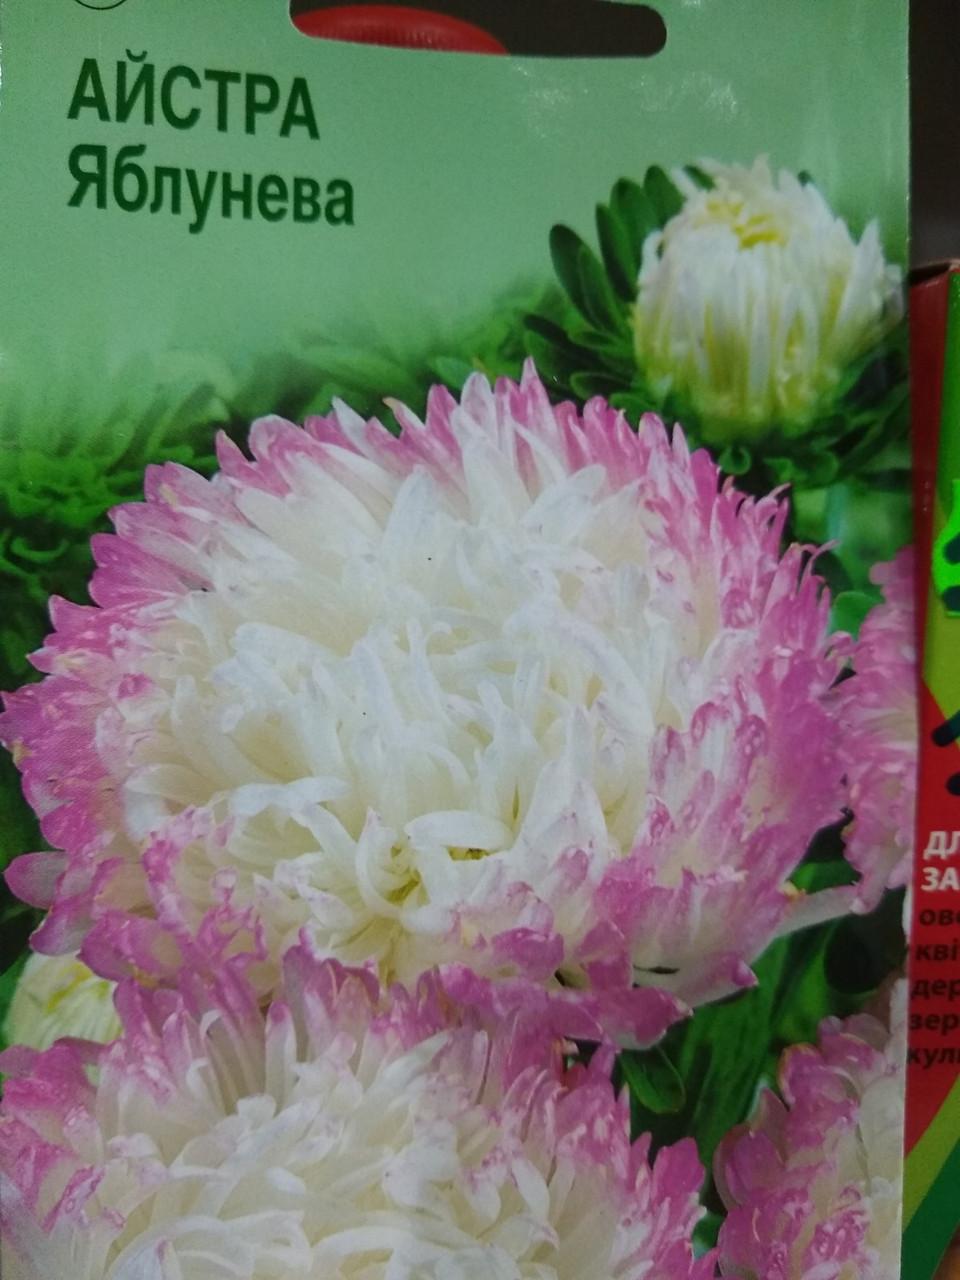 Насіння Астра китайська Яблунева насіння 10 грам в упаковці Україна